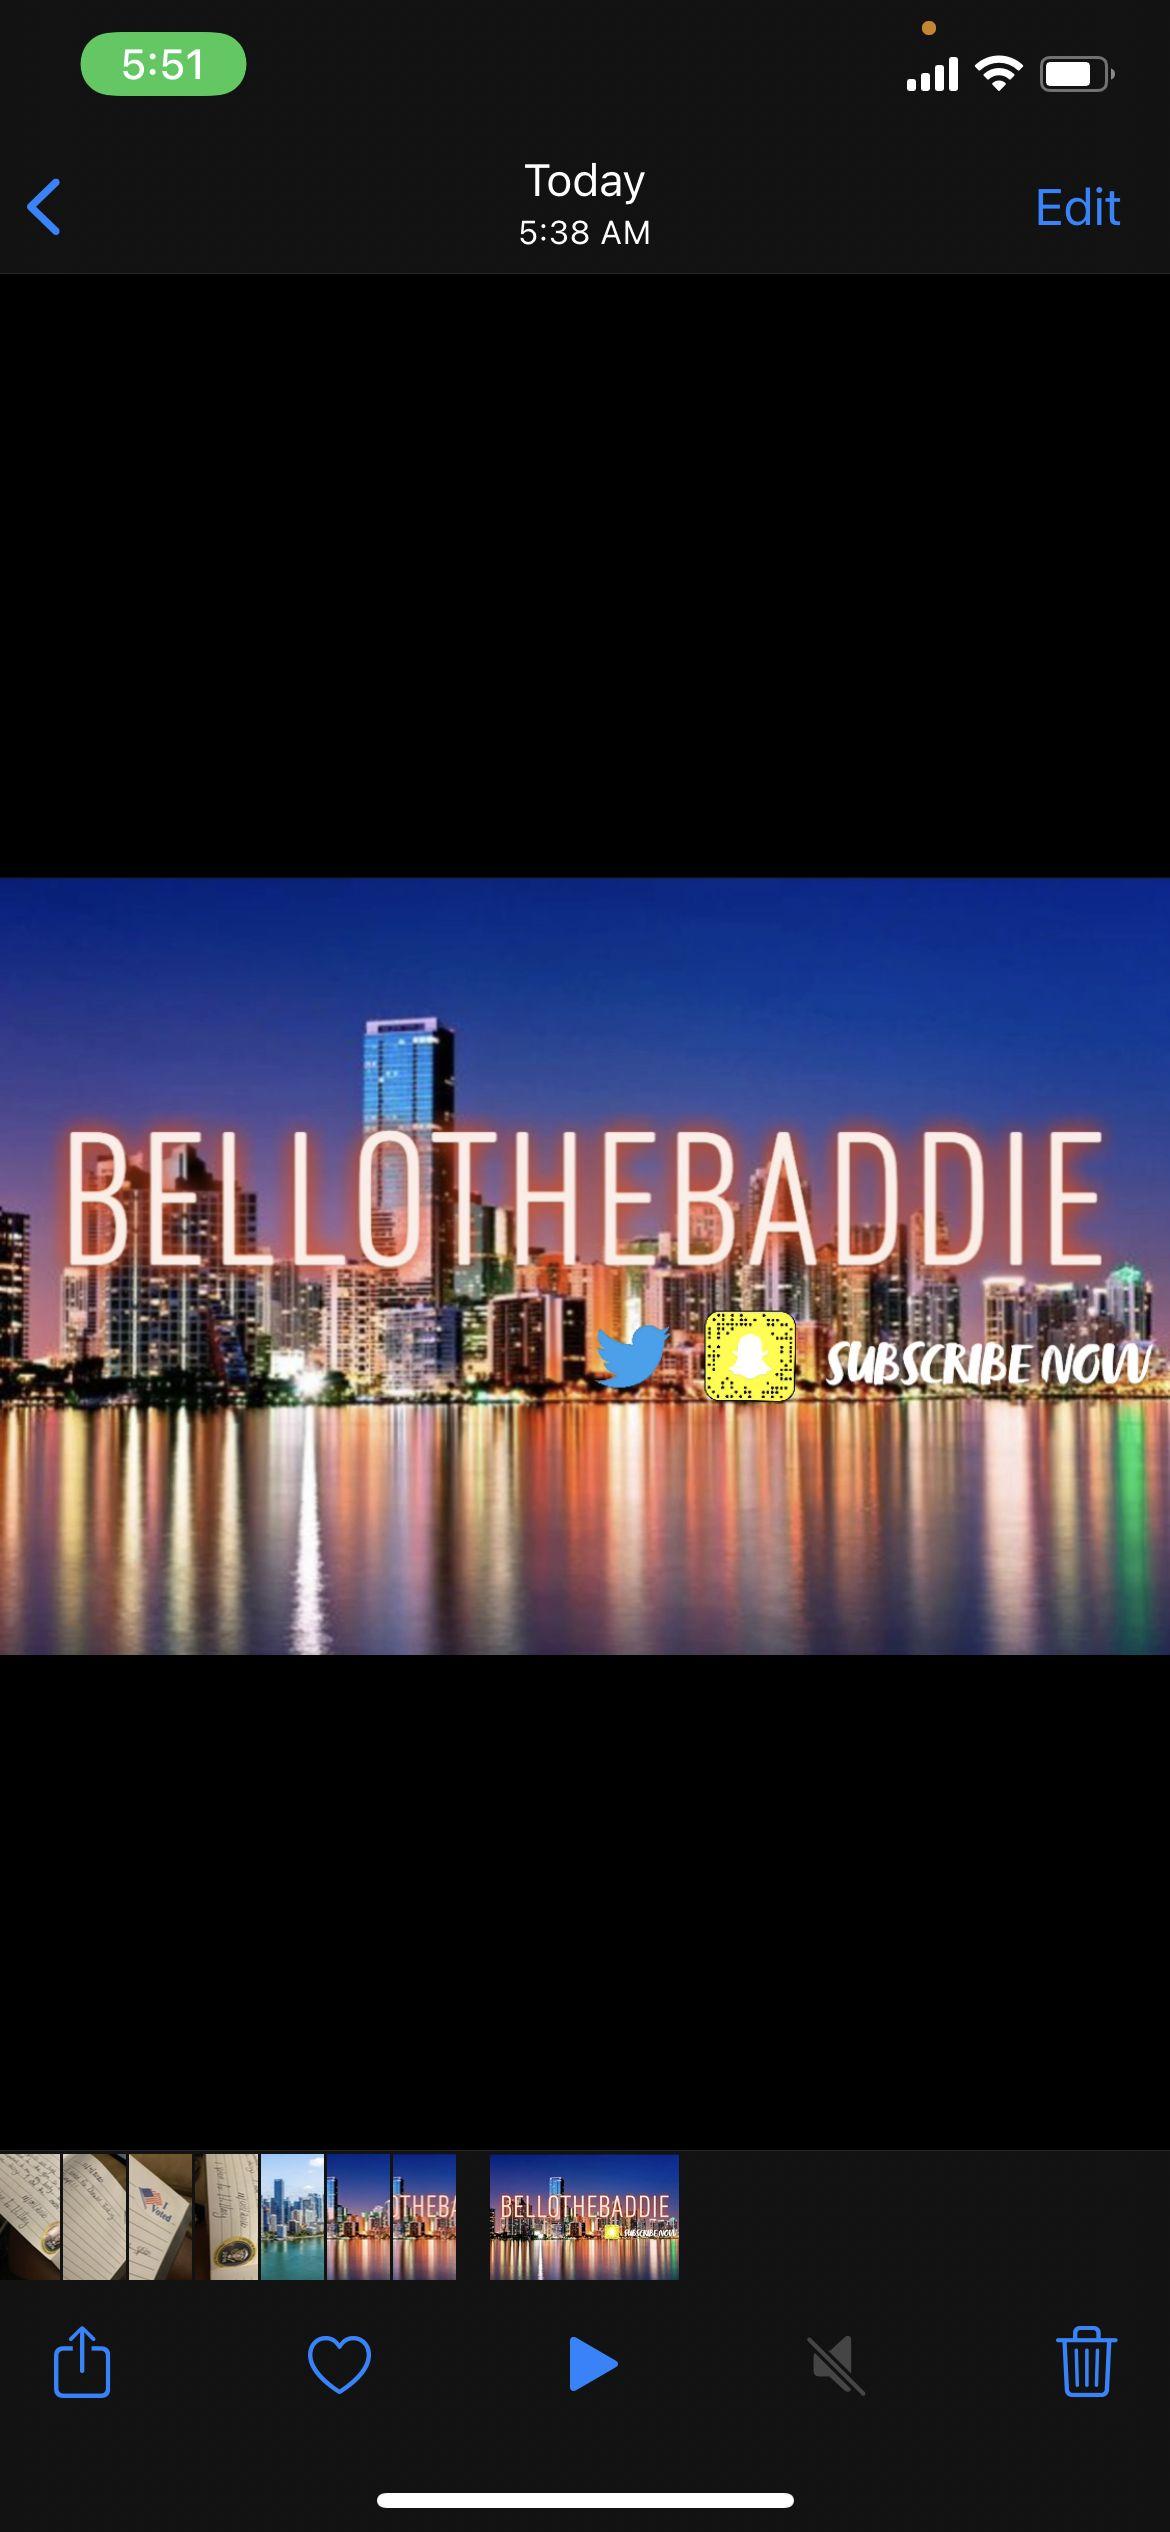 @bellothebaddie